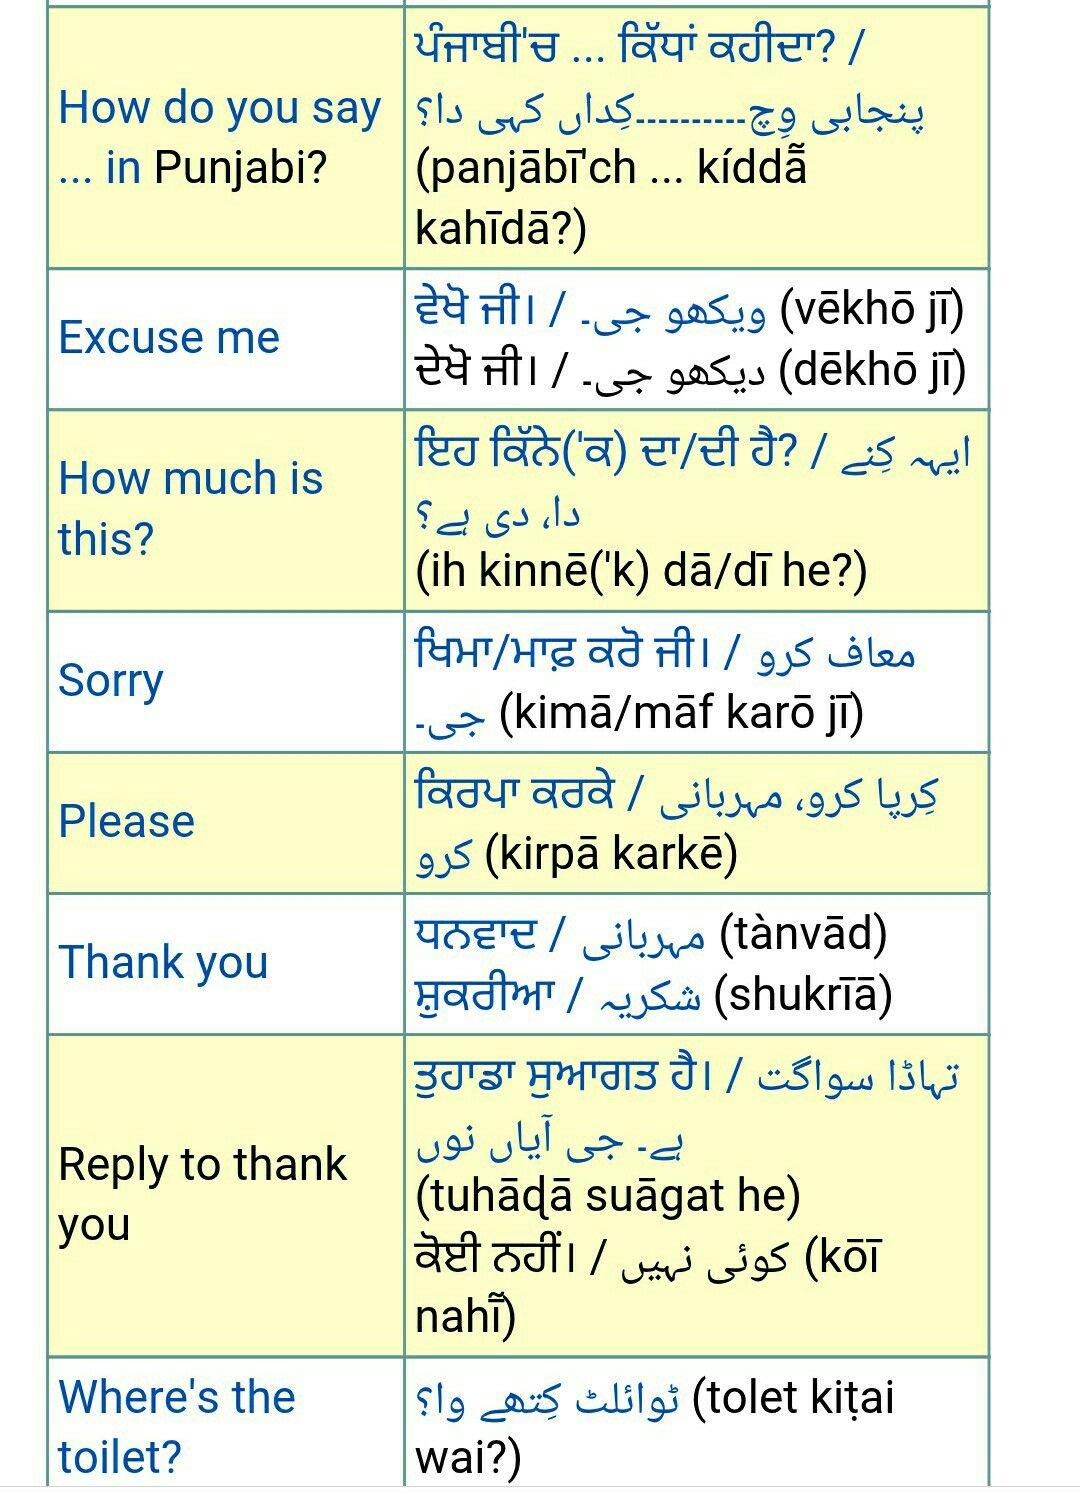 Pin By Damini Pankaj On Language Language Ads Sayings [ 1506 x 1080 Pixel ]